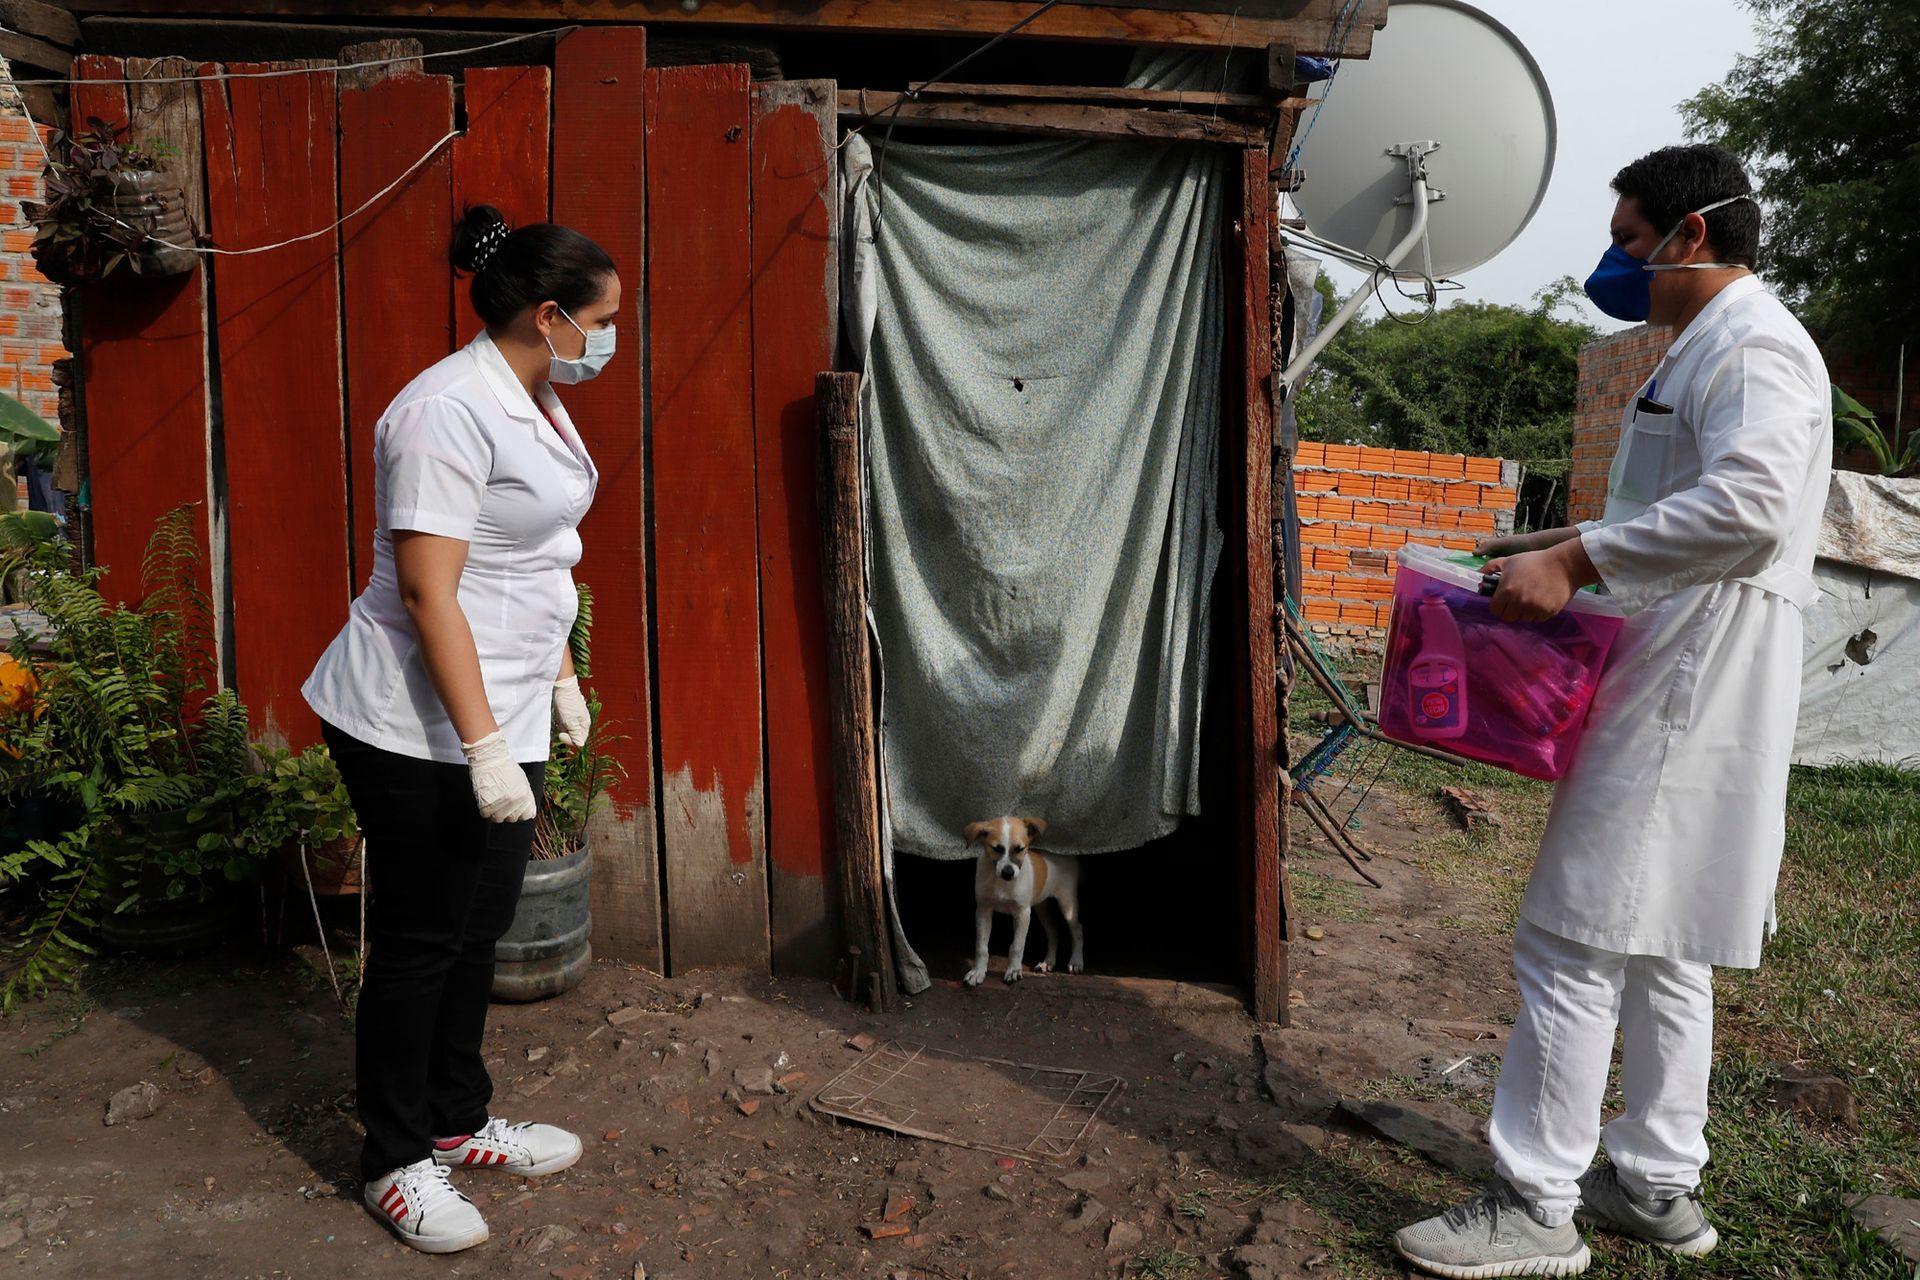 Dos trabajadores del Ministerio de Salud esperan a que el ocupante salga para hacerse la prueba del COVID-19 en Limpio, Paraguay, finalmente la enfemera entró con equipo de protección, por que la mujer que estaba adentro estaba muy enferma